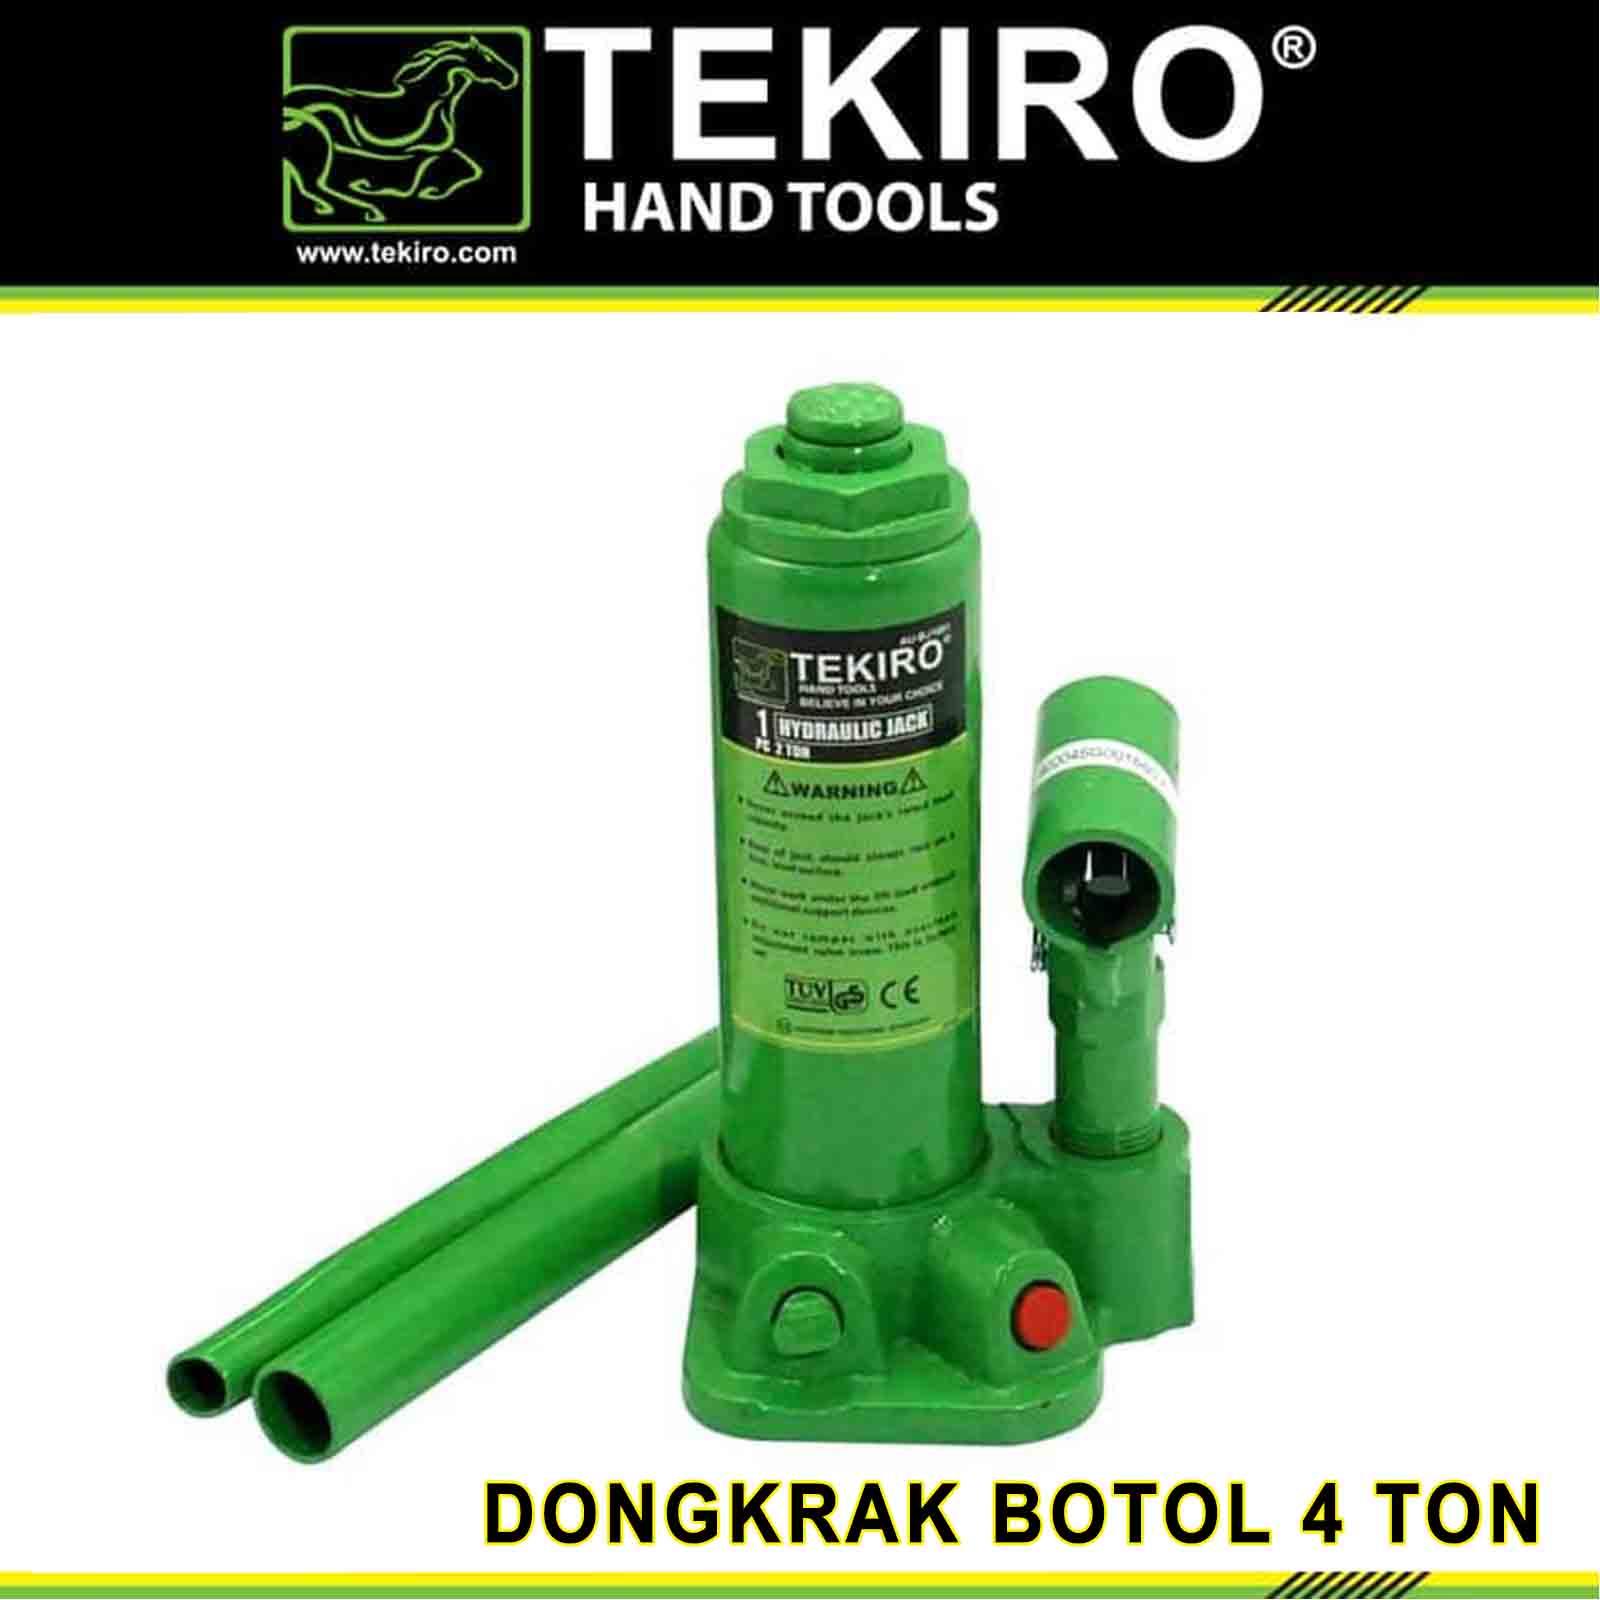 dongkrak botol tekiro 4 ton / dongrak mobil 4 ton tekiro au-bj1002